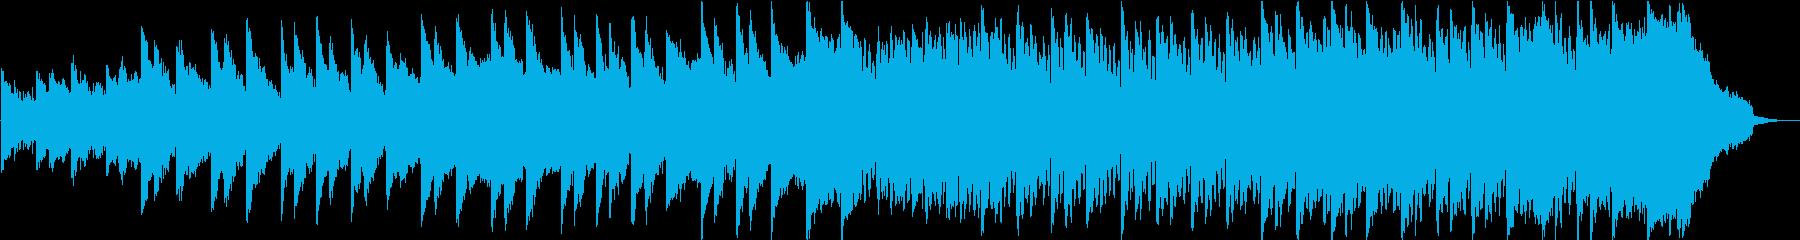 現代的 交響曲 淡々 テクノロジー...の再生済みの波形